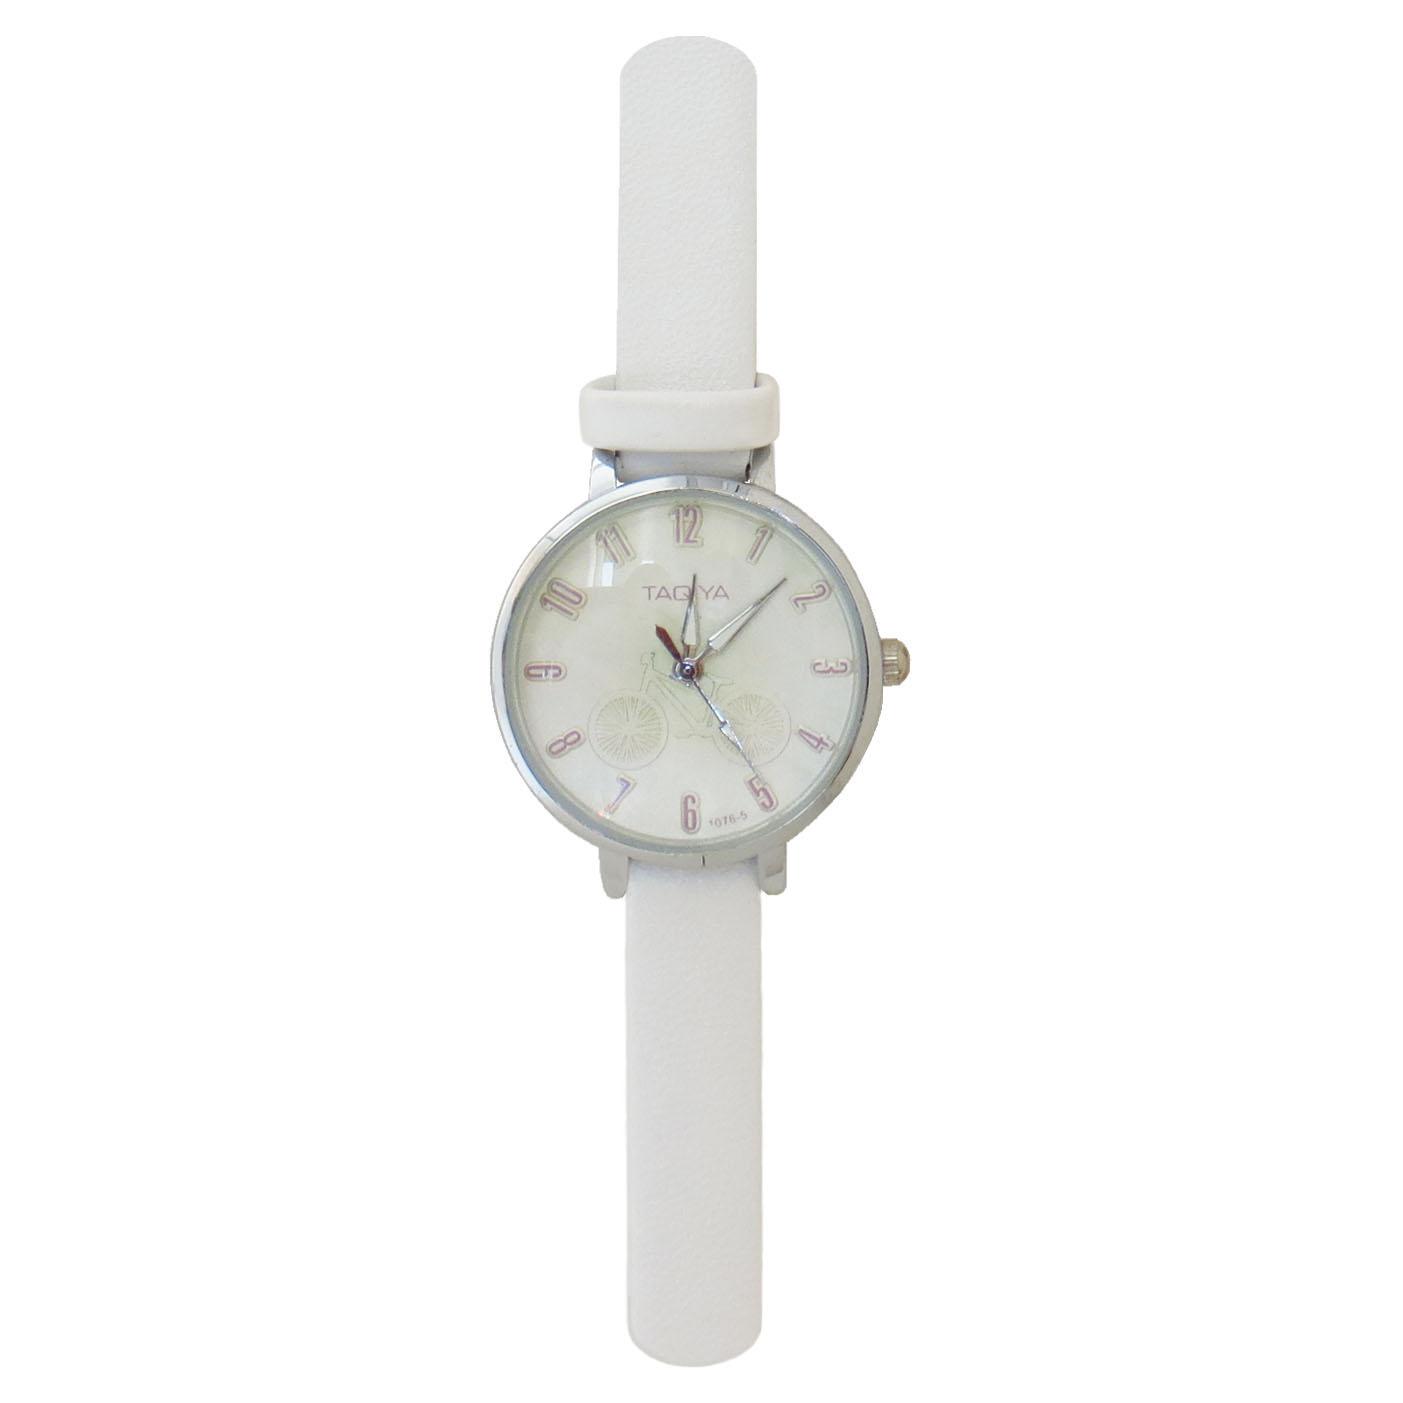 خرید و قیمت                       ساعت مچی  زنانه تاکیا کد 5-1076